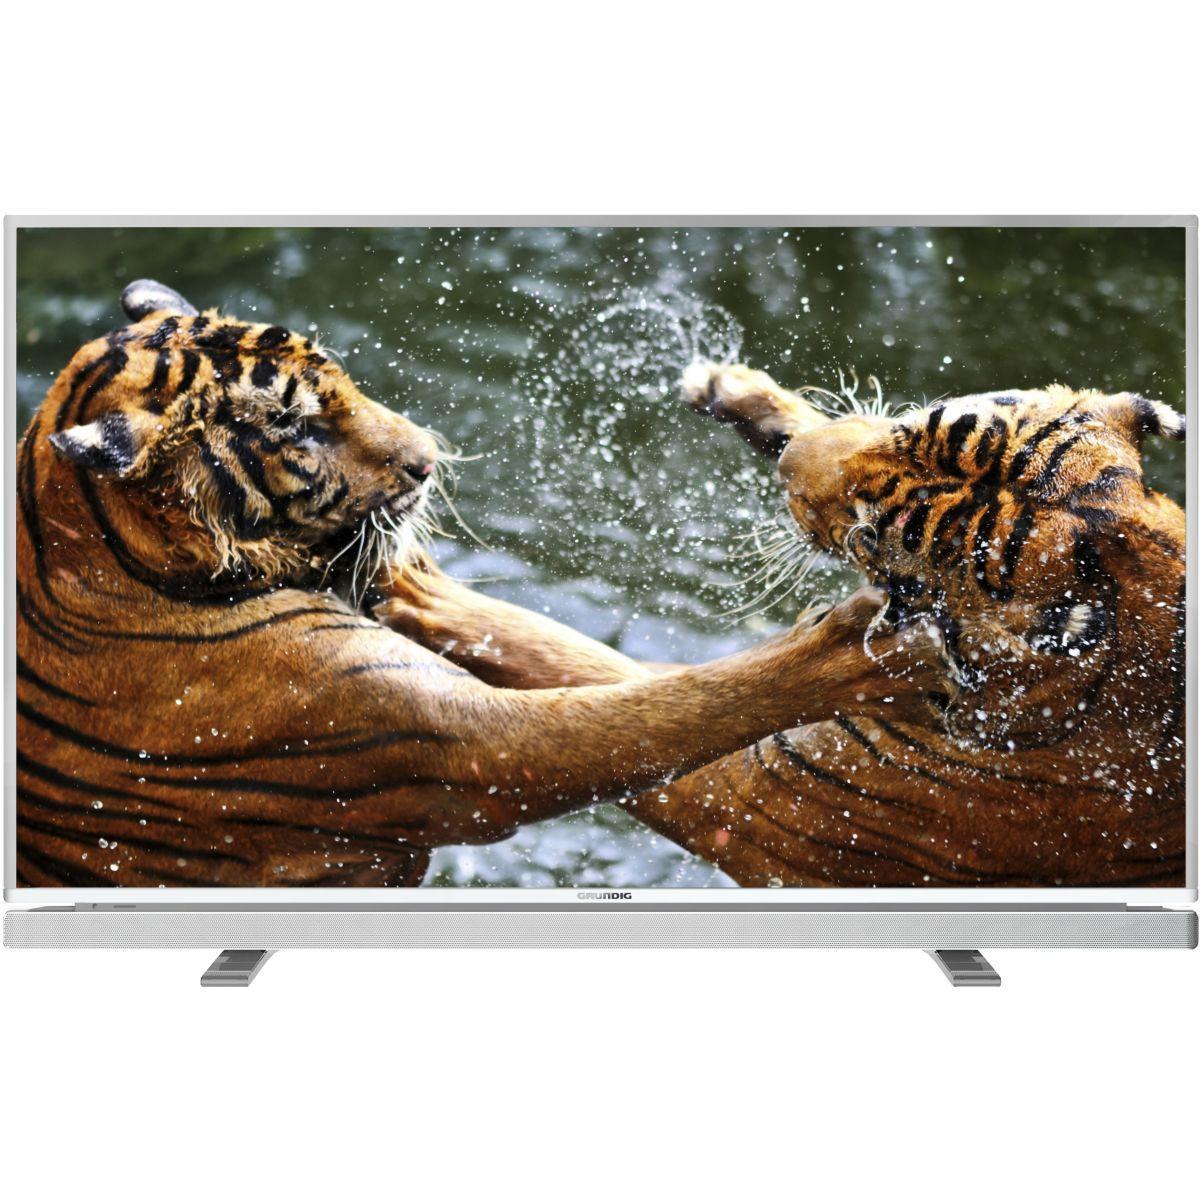 Tv grundig 43vle5523wg 200 hz ppr (photo)